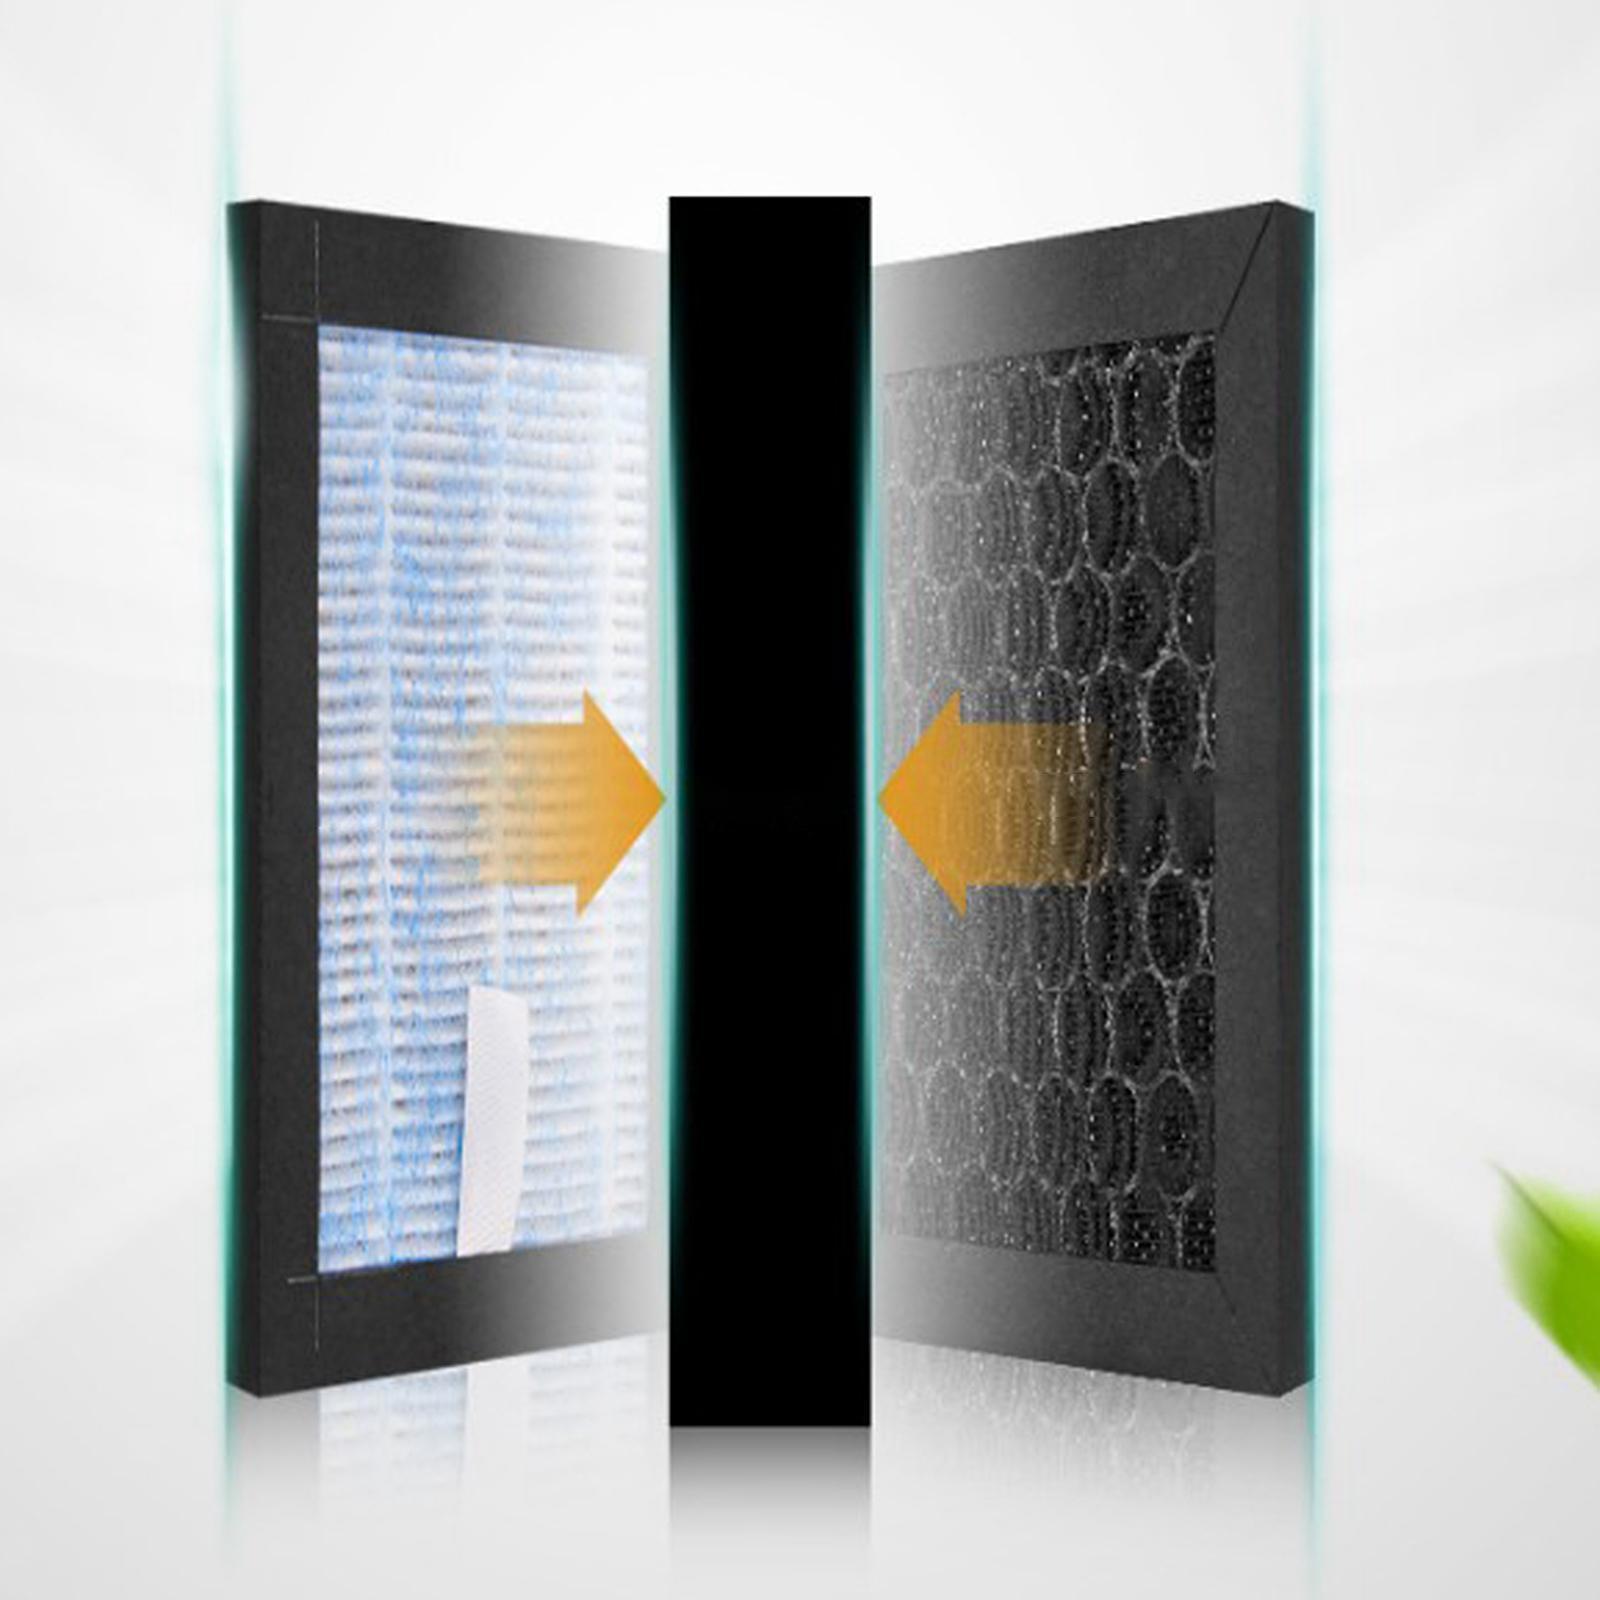 Indexbild 17 - Auto Air Purifier Luft Reiniger Deodorizer Ionisator für Home Office